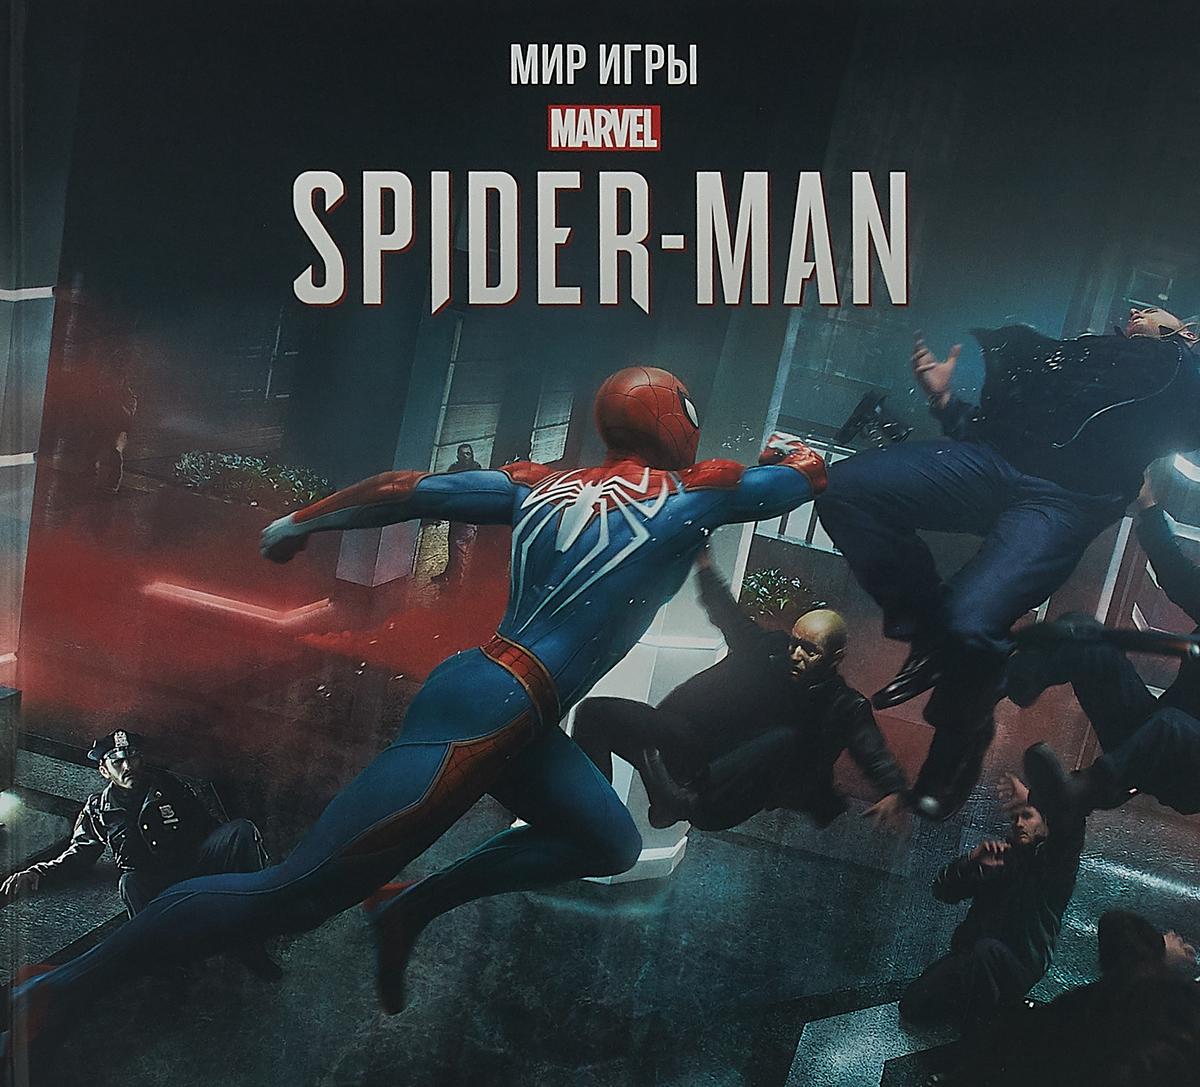 Пол Дэвис Мир игры Marvel Spider-Man